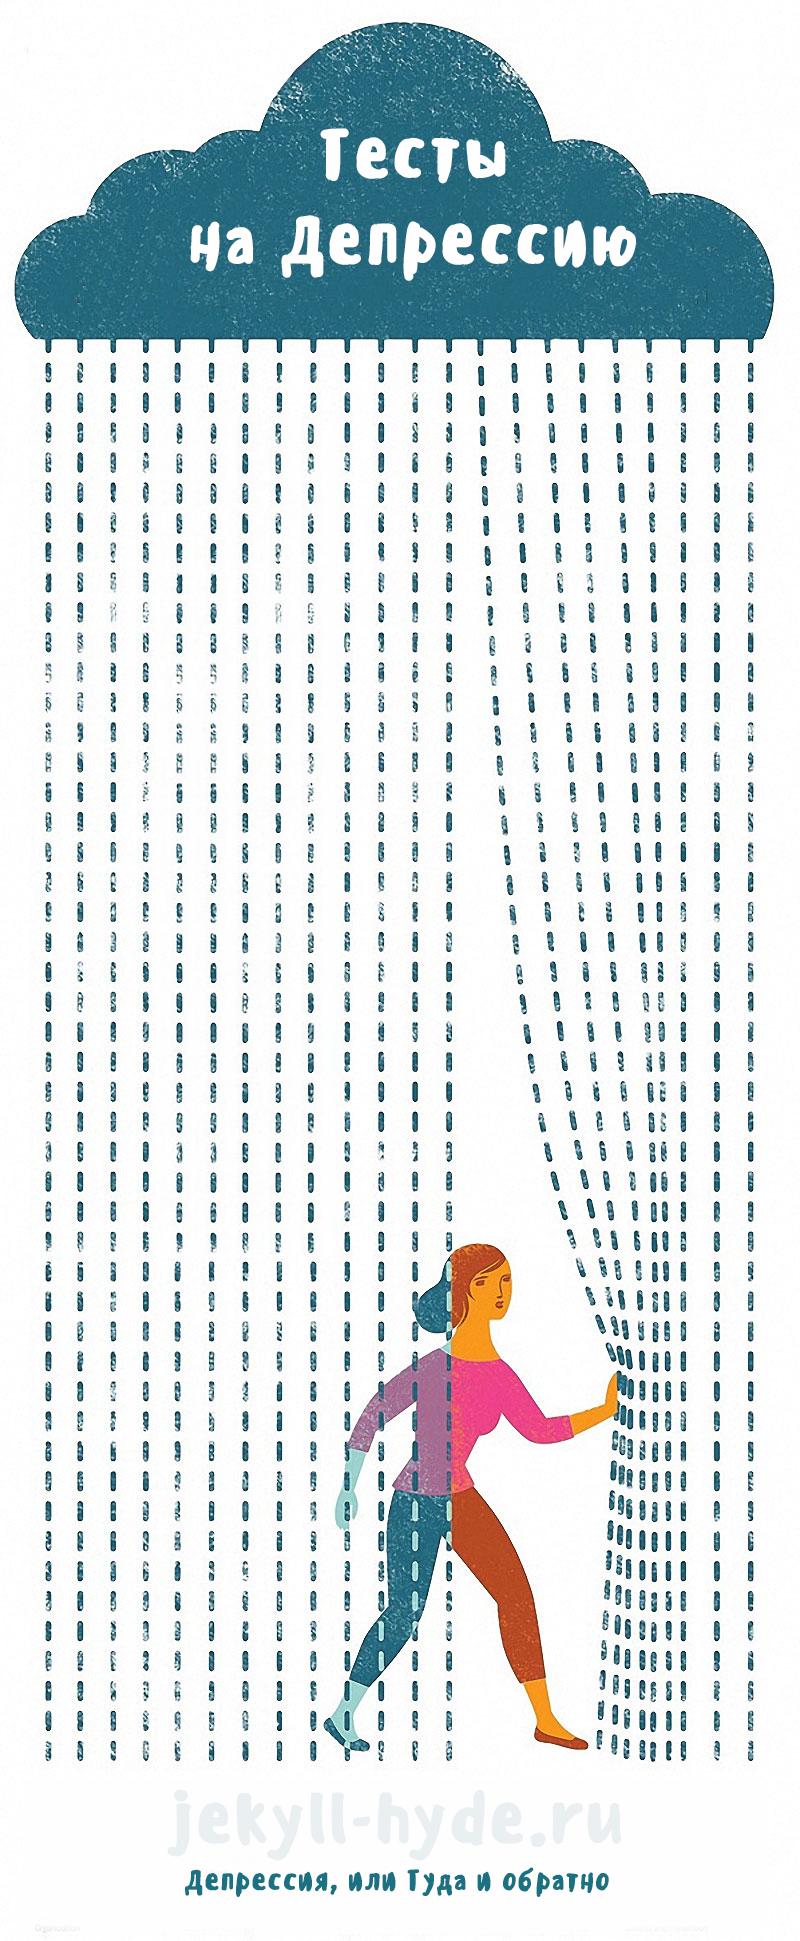 Тест на депрессию онлайн